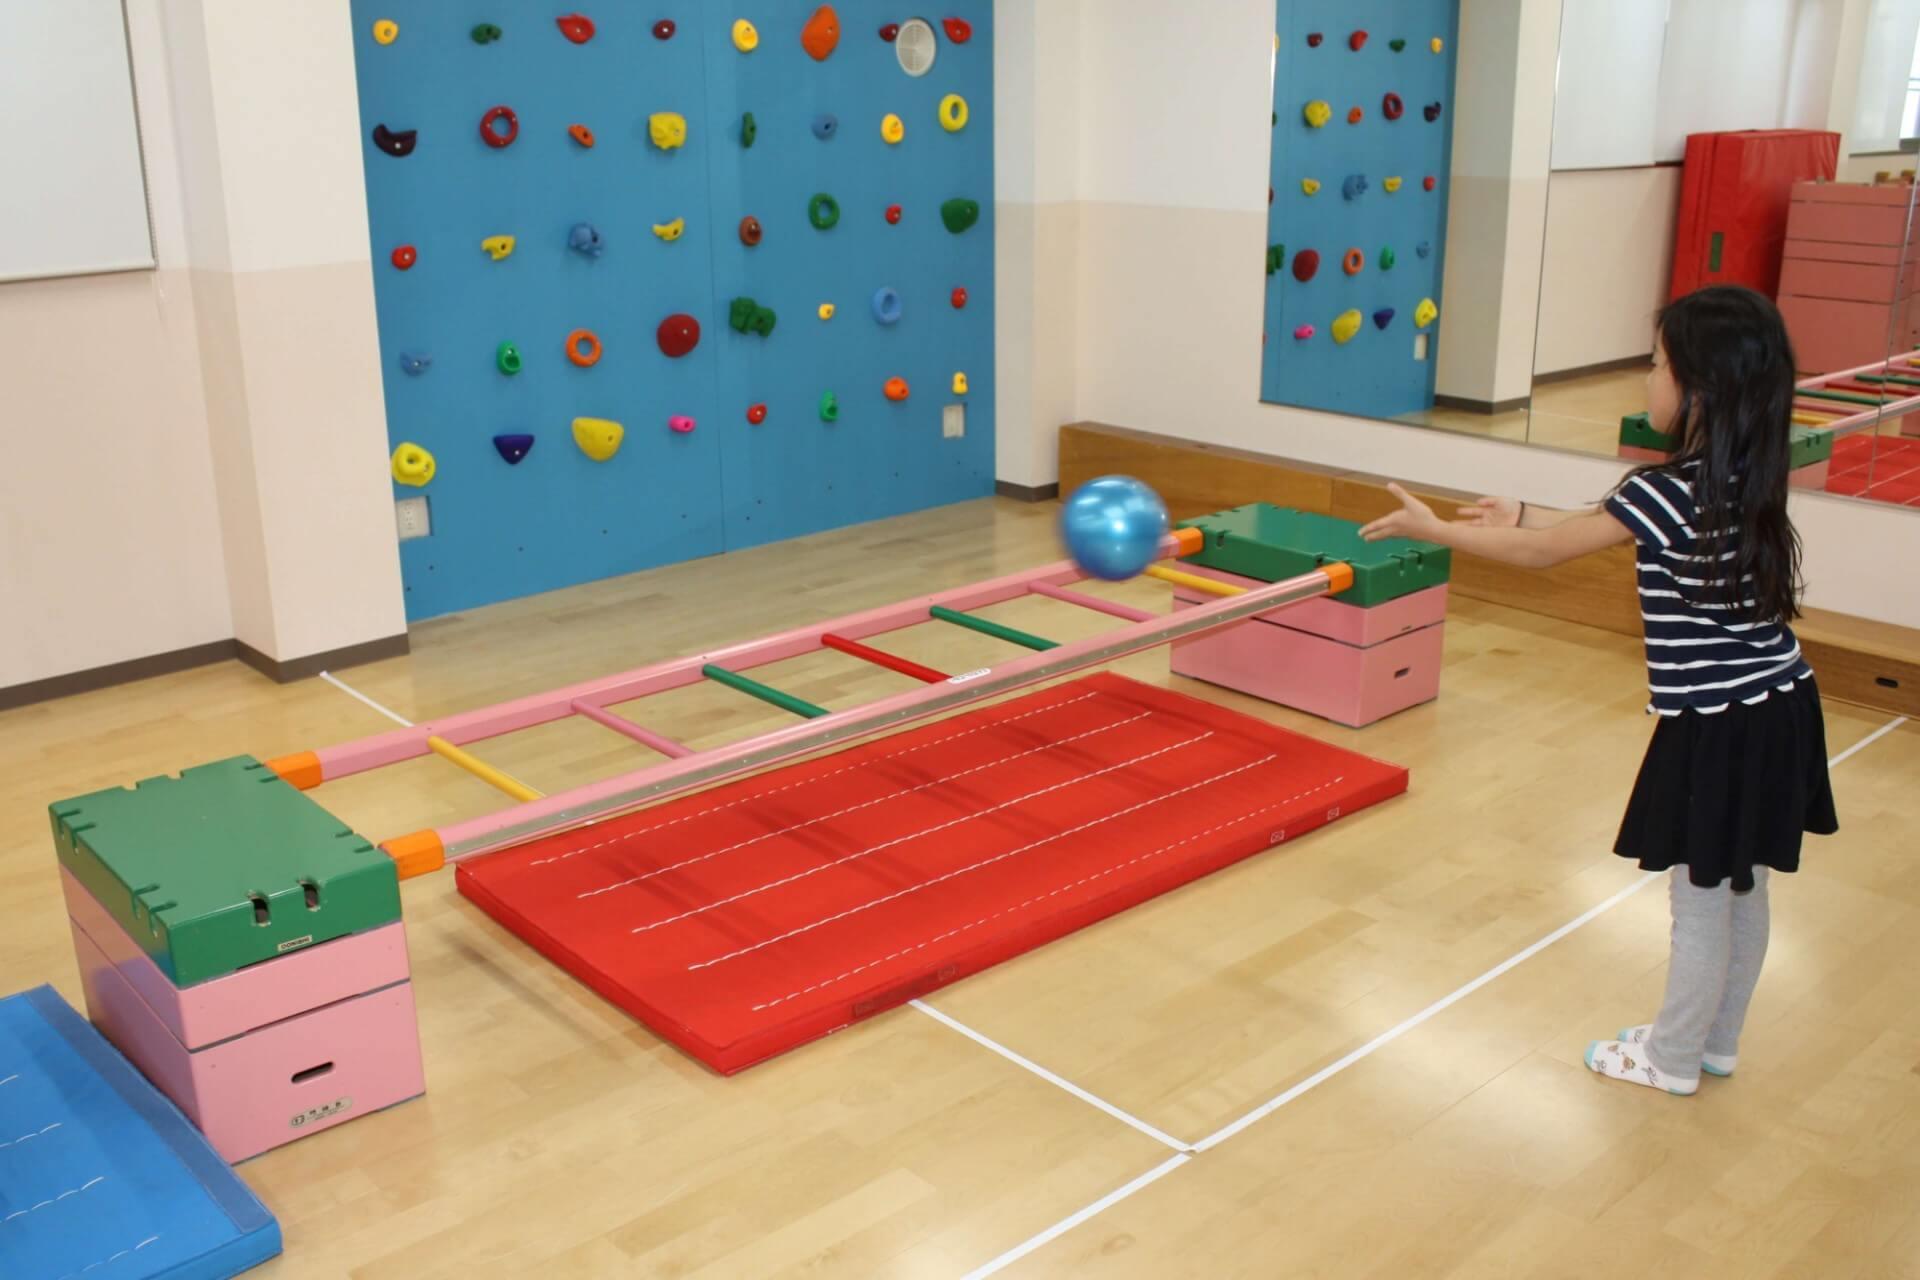 子どもがはしごに向かってボールを投げる運動遊び